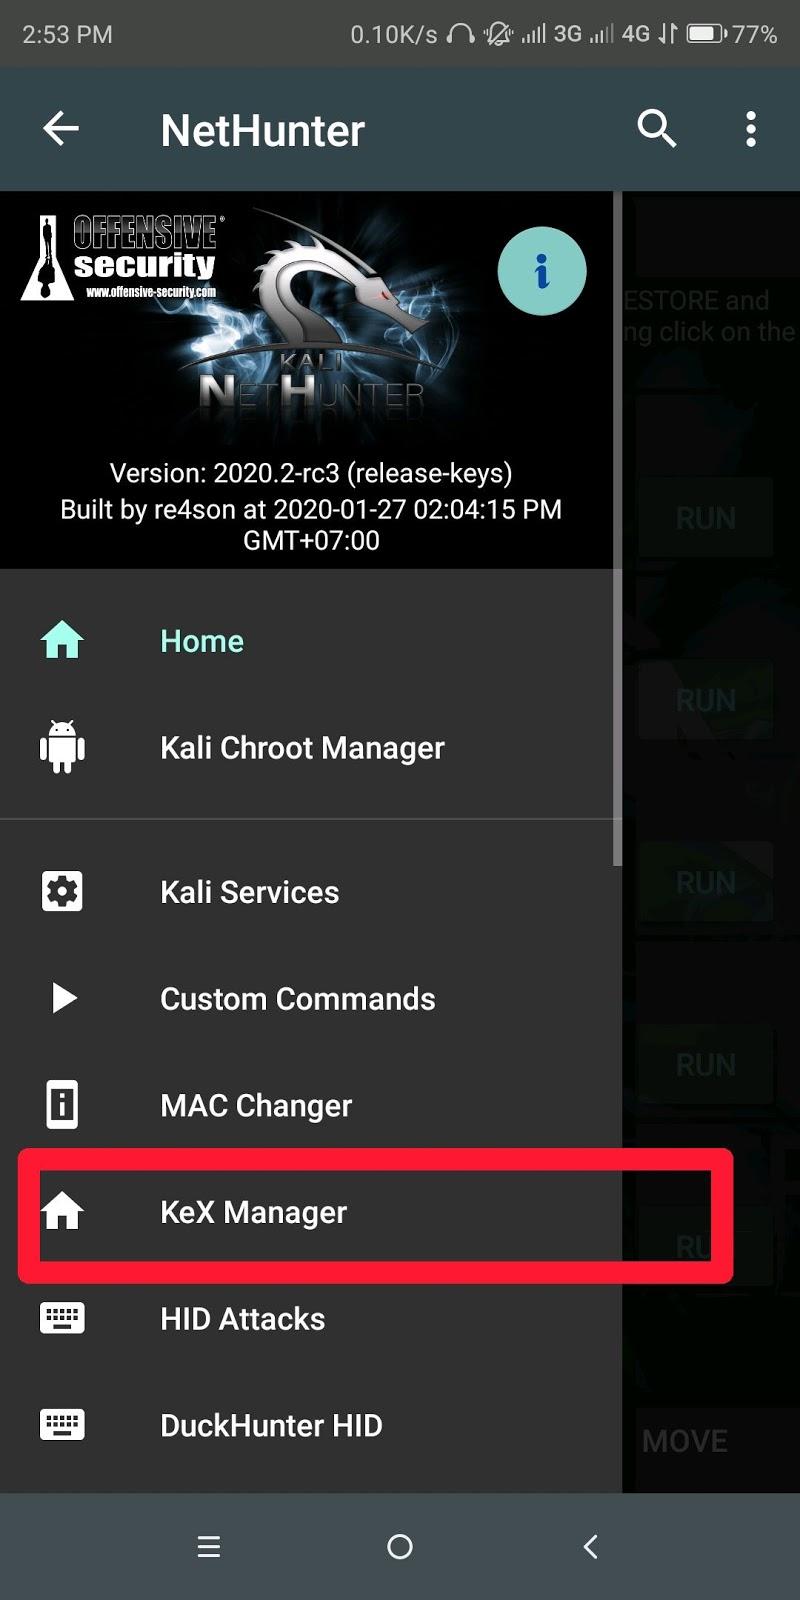 Cara Menggunakan KexManager/VNC Viewer Kalinethunter Android